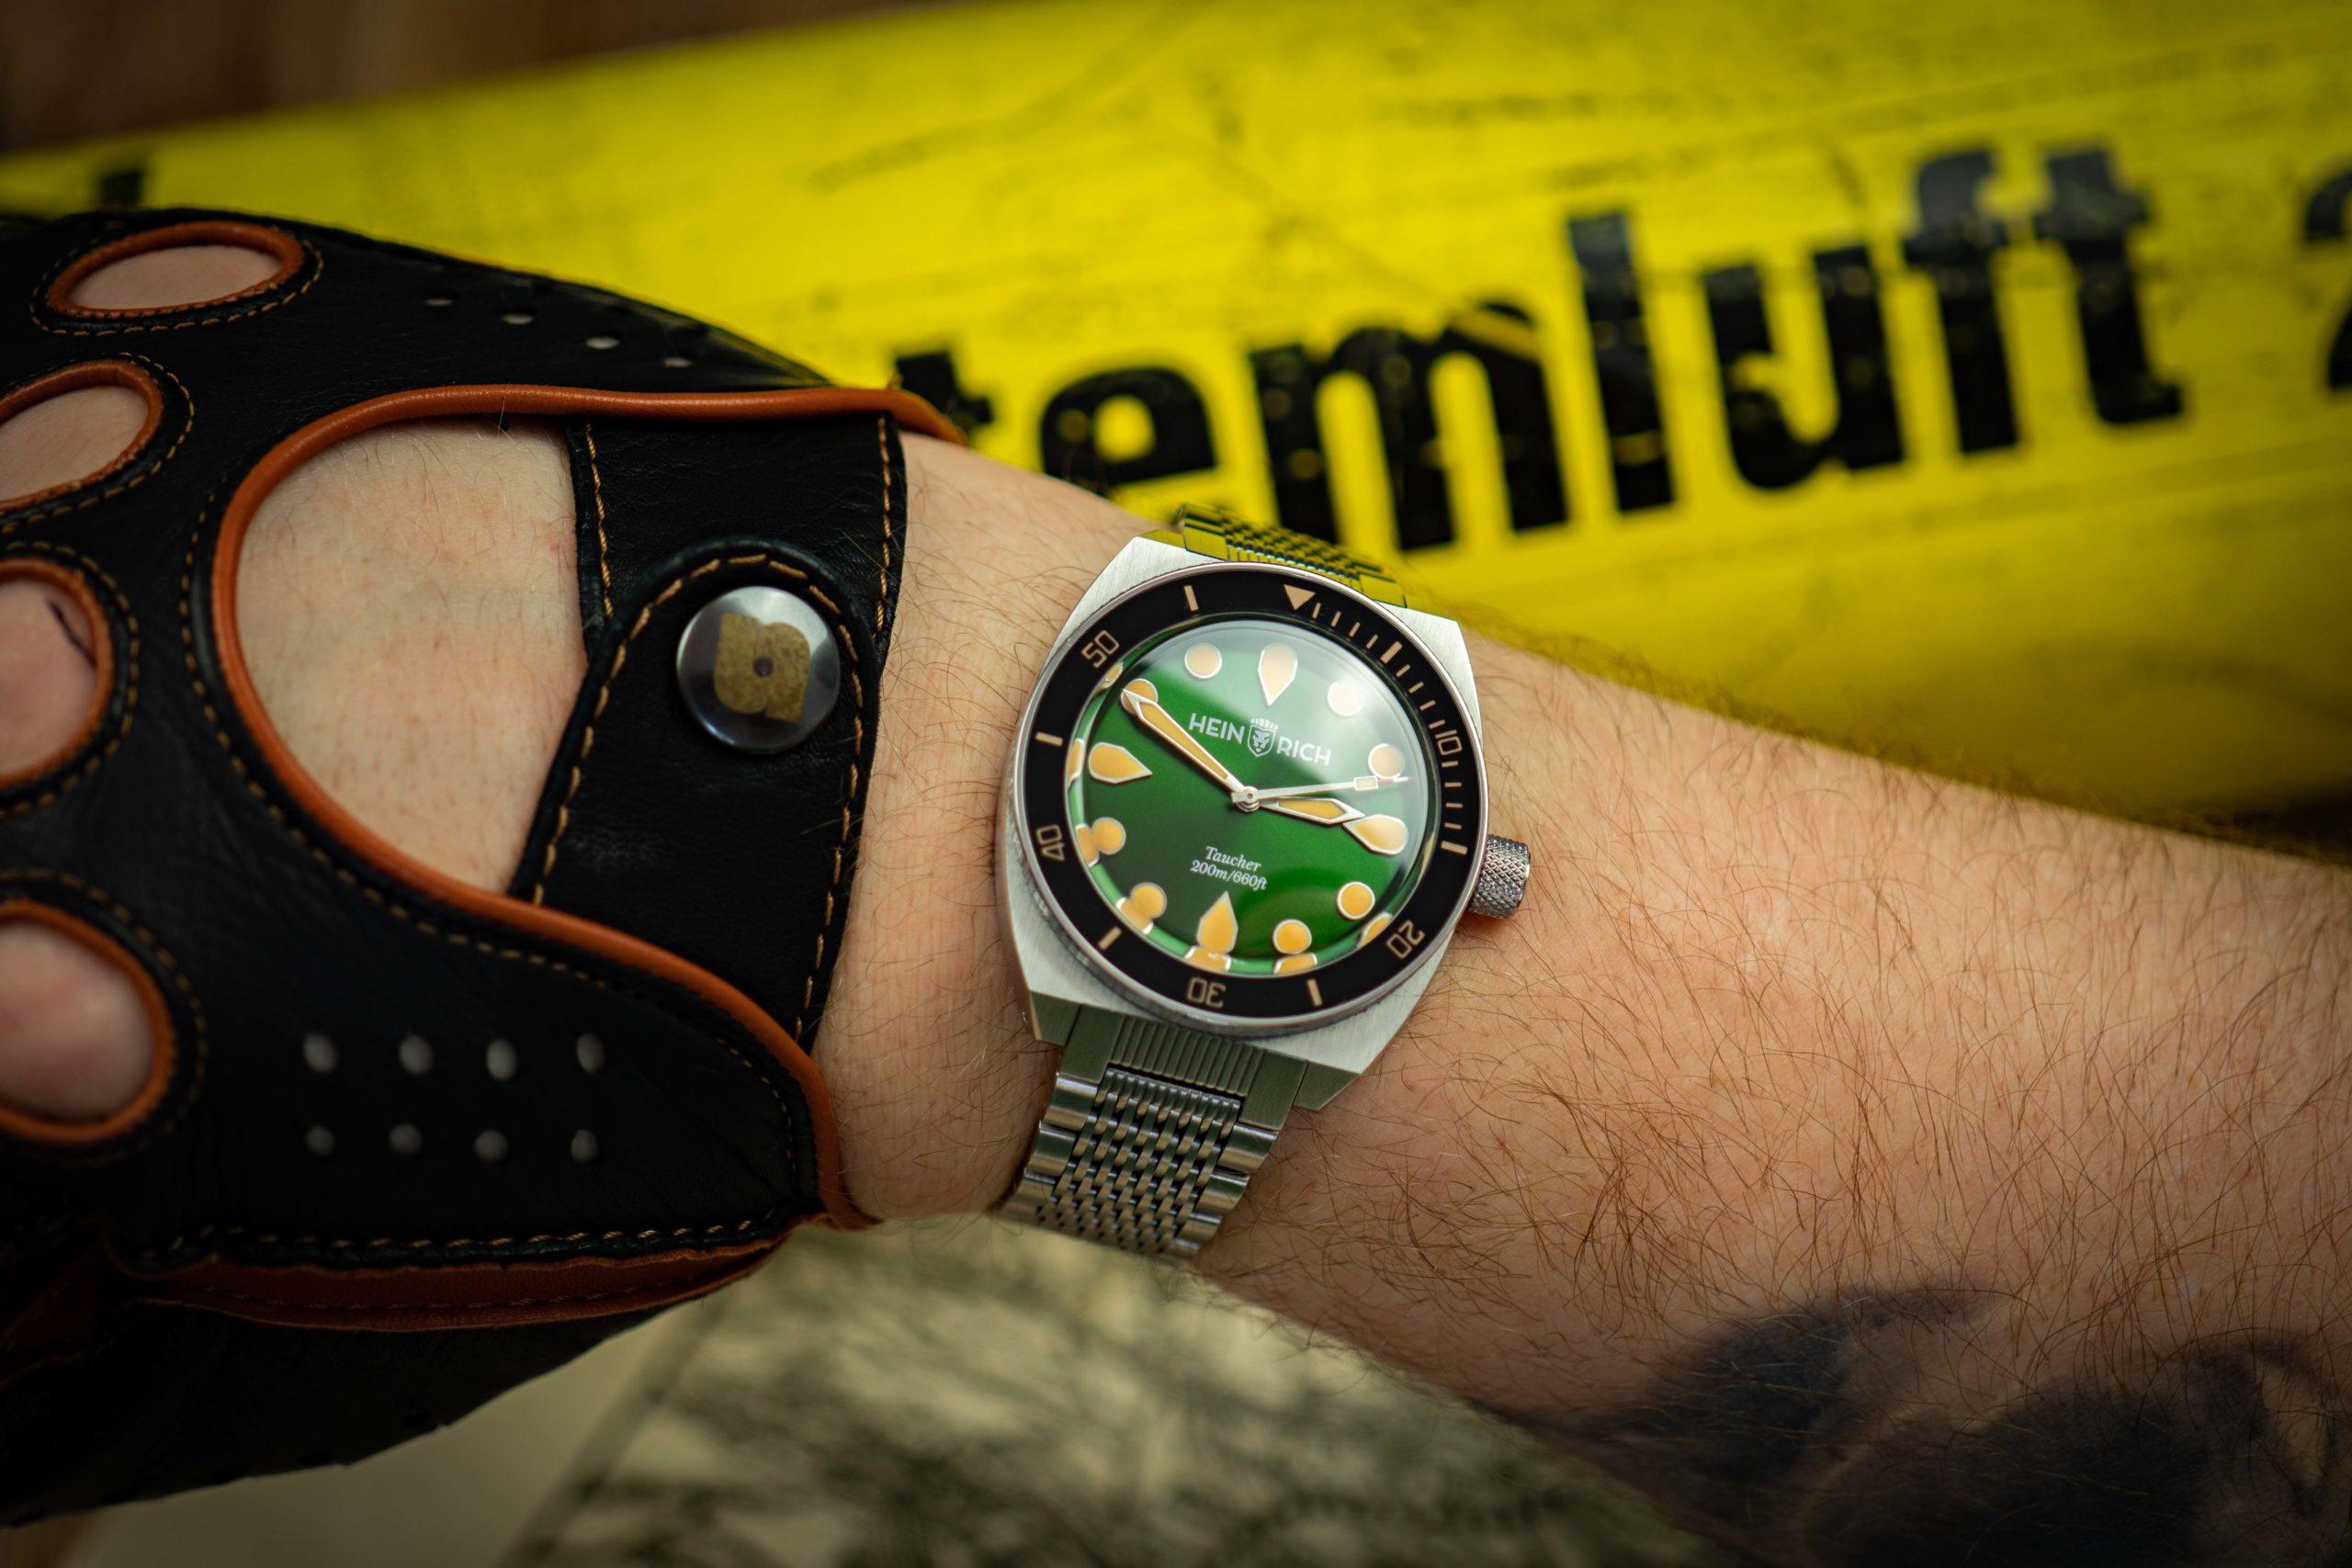 Heinrich-Watch-Taucher-Uhr-Kickstarter-Größe